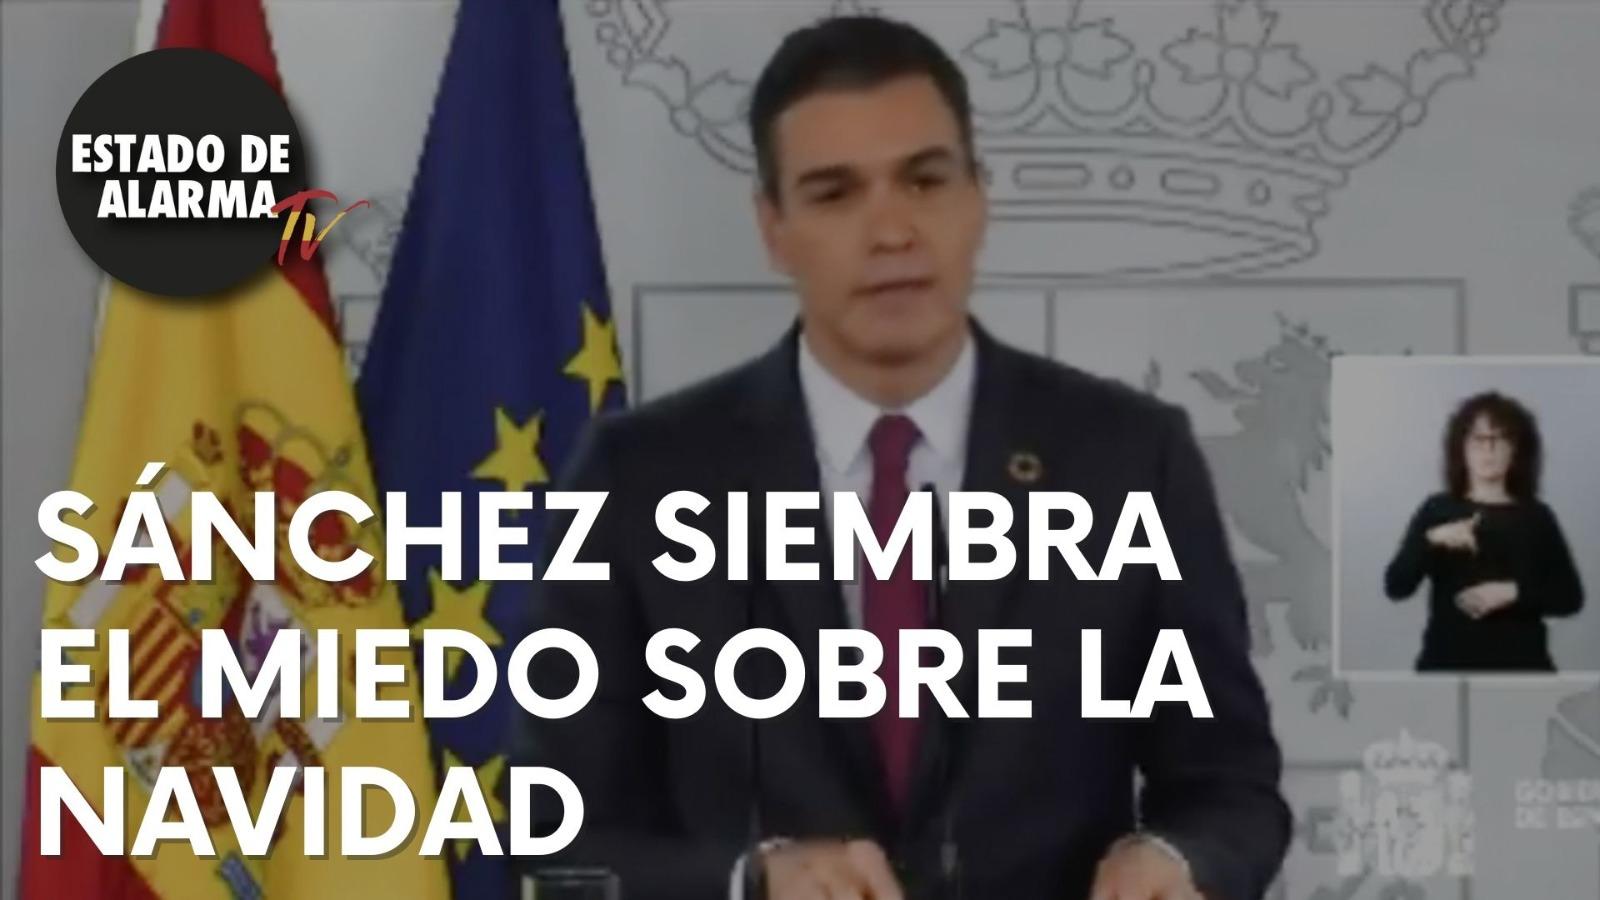 SÁNCHEZ comienza a atemorizar a los ESPAÑOLES y advierte que la NAVIDAD será a distancia